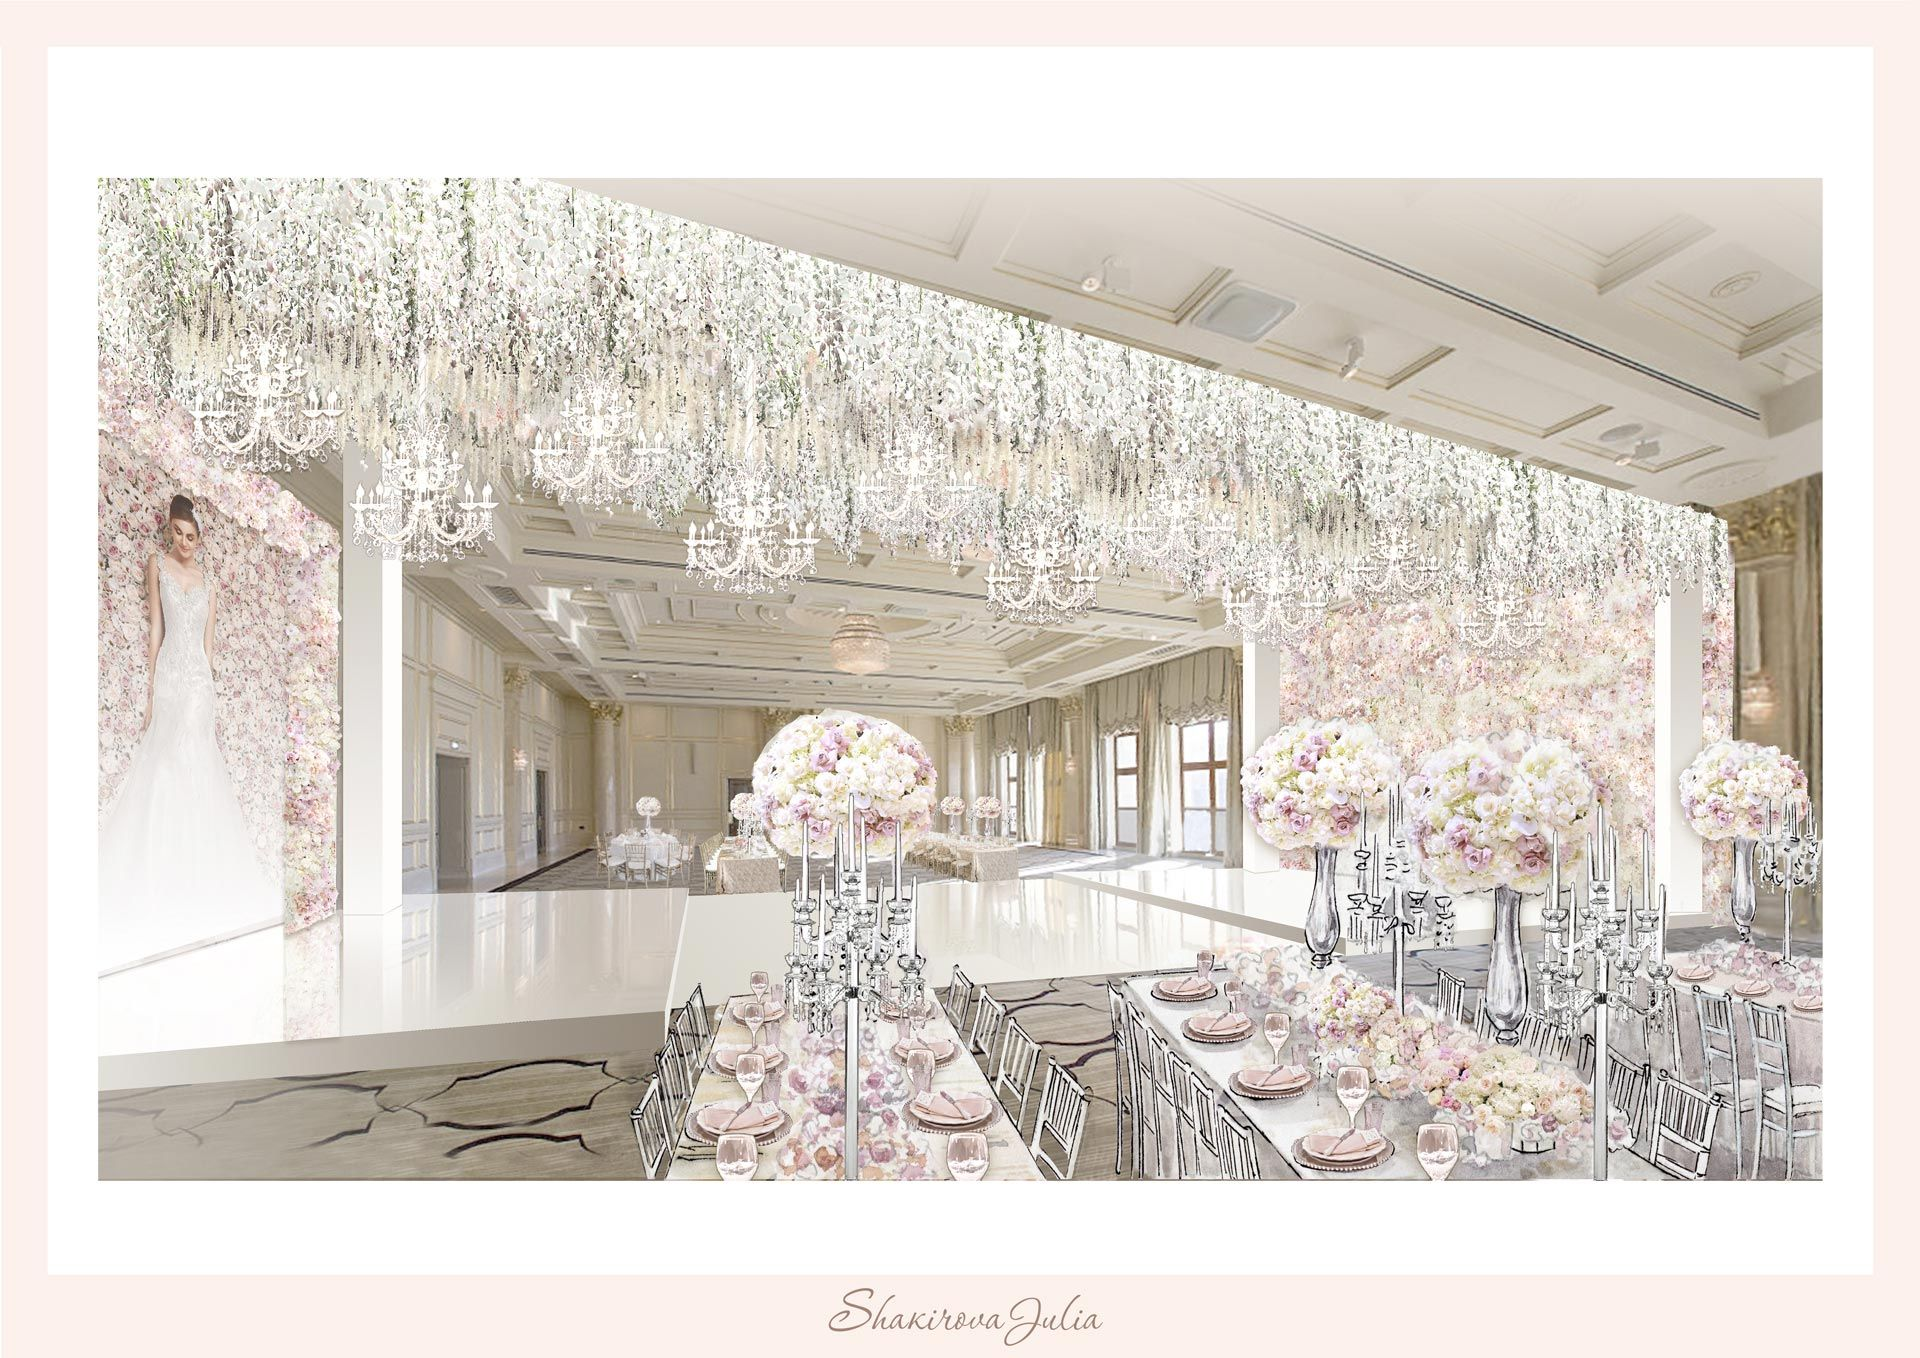 Студия декора Юлии Шакировой, цветочная свадьба, фото 2